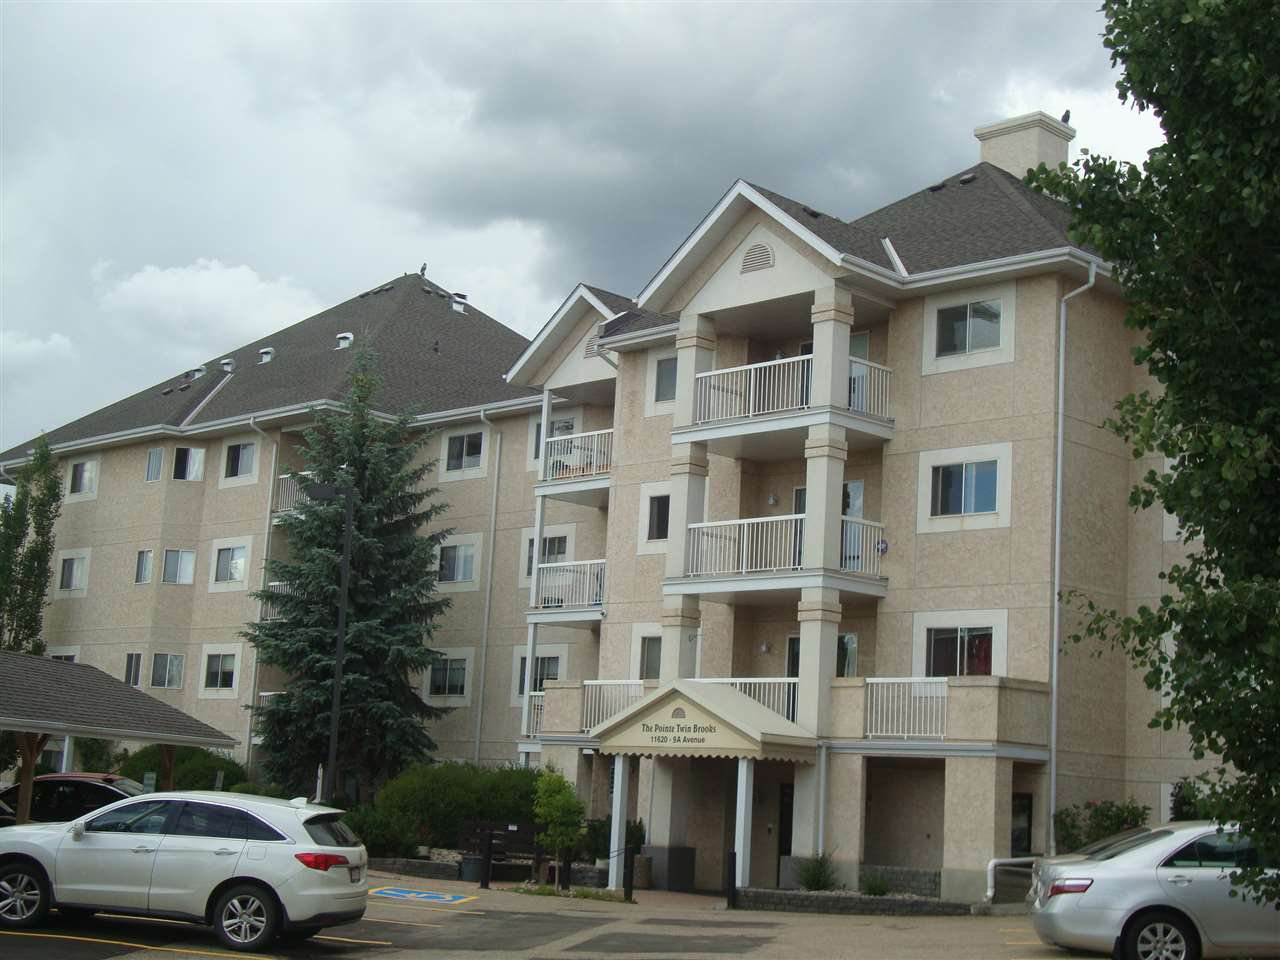 Photo 1: Photos: 306 11620 9A Avenue in Edmonton: Zone 16 Condo for sale : MLS®# E4164657